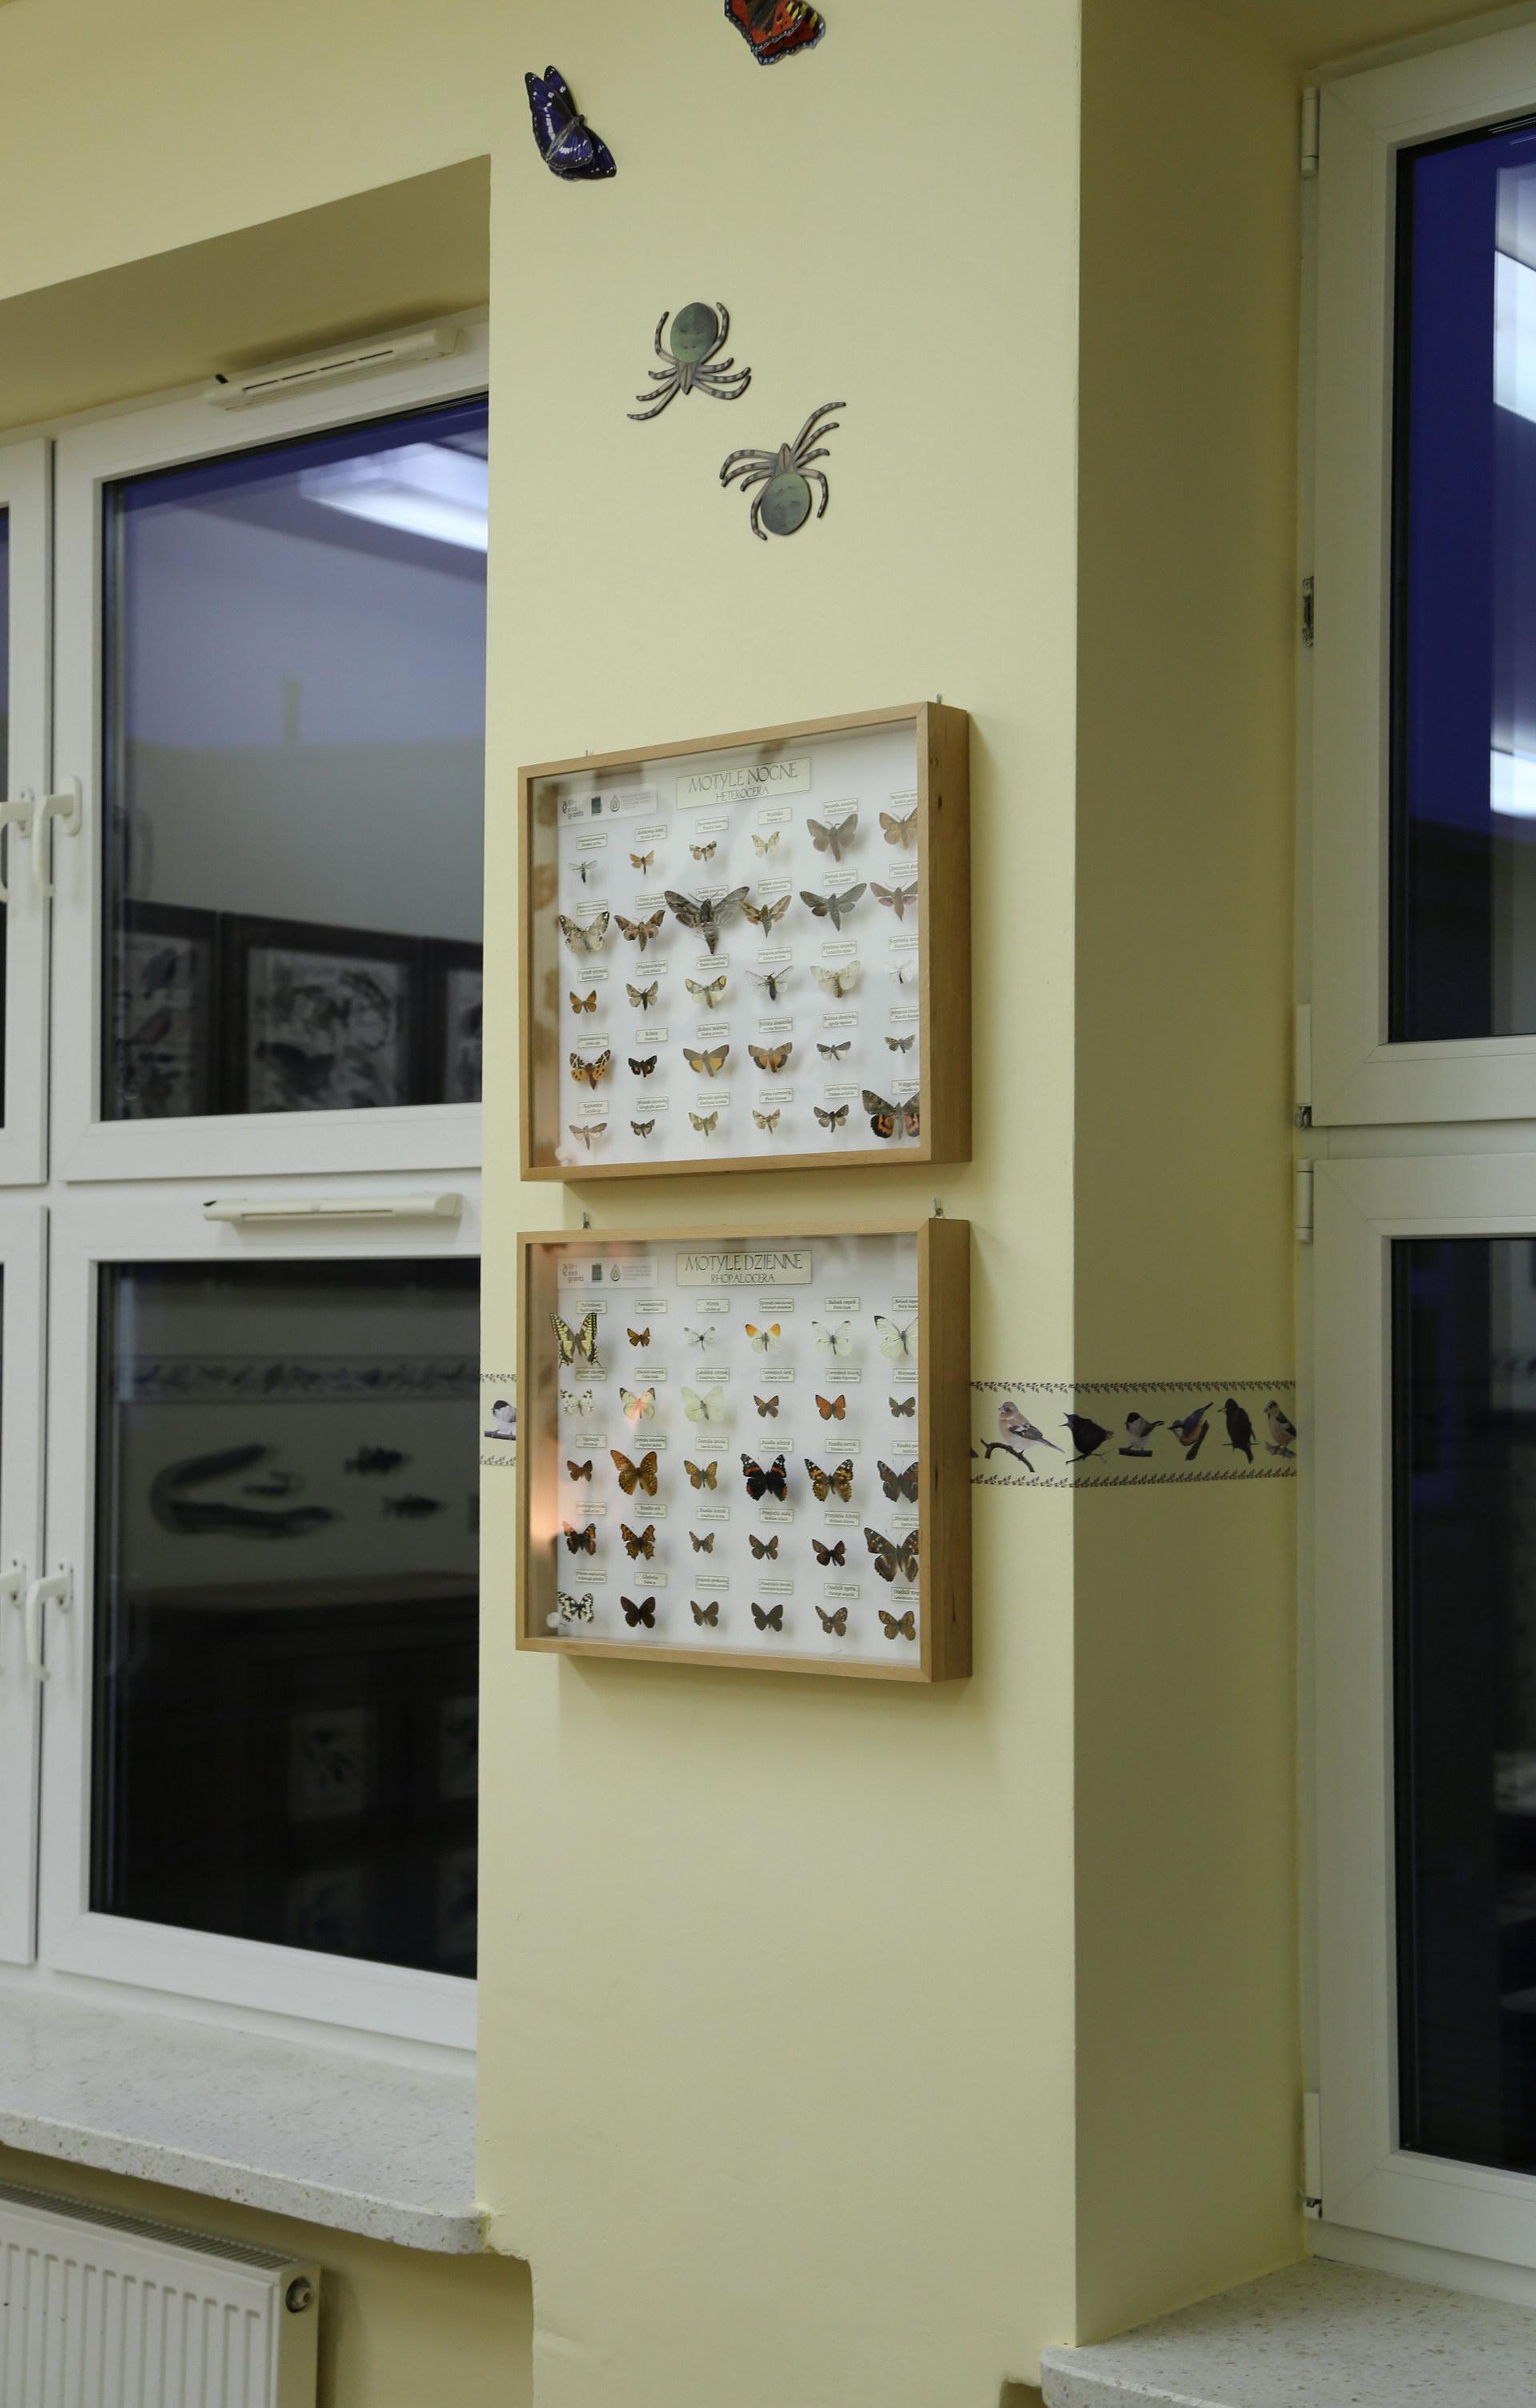 Izby edukacyjne lesne - sale przyrodnicze, wystroj wnetrz - ZS w Drzonowie (1)